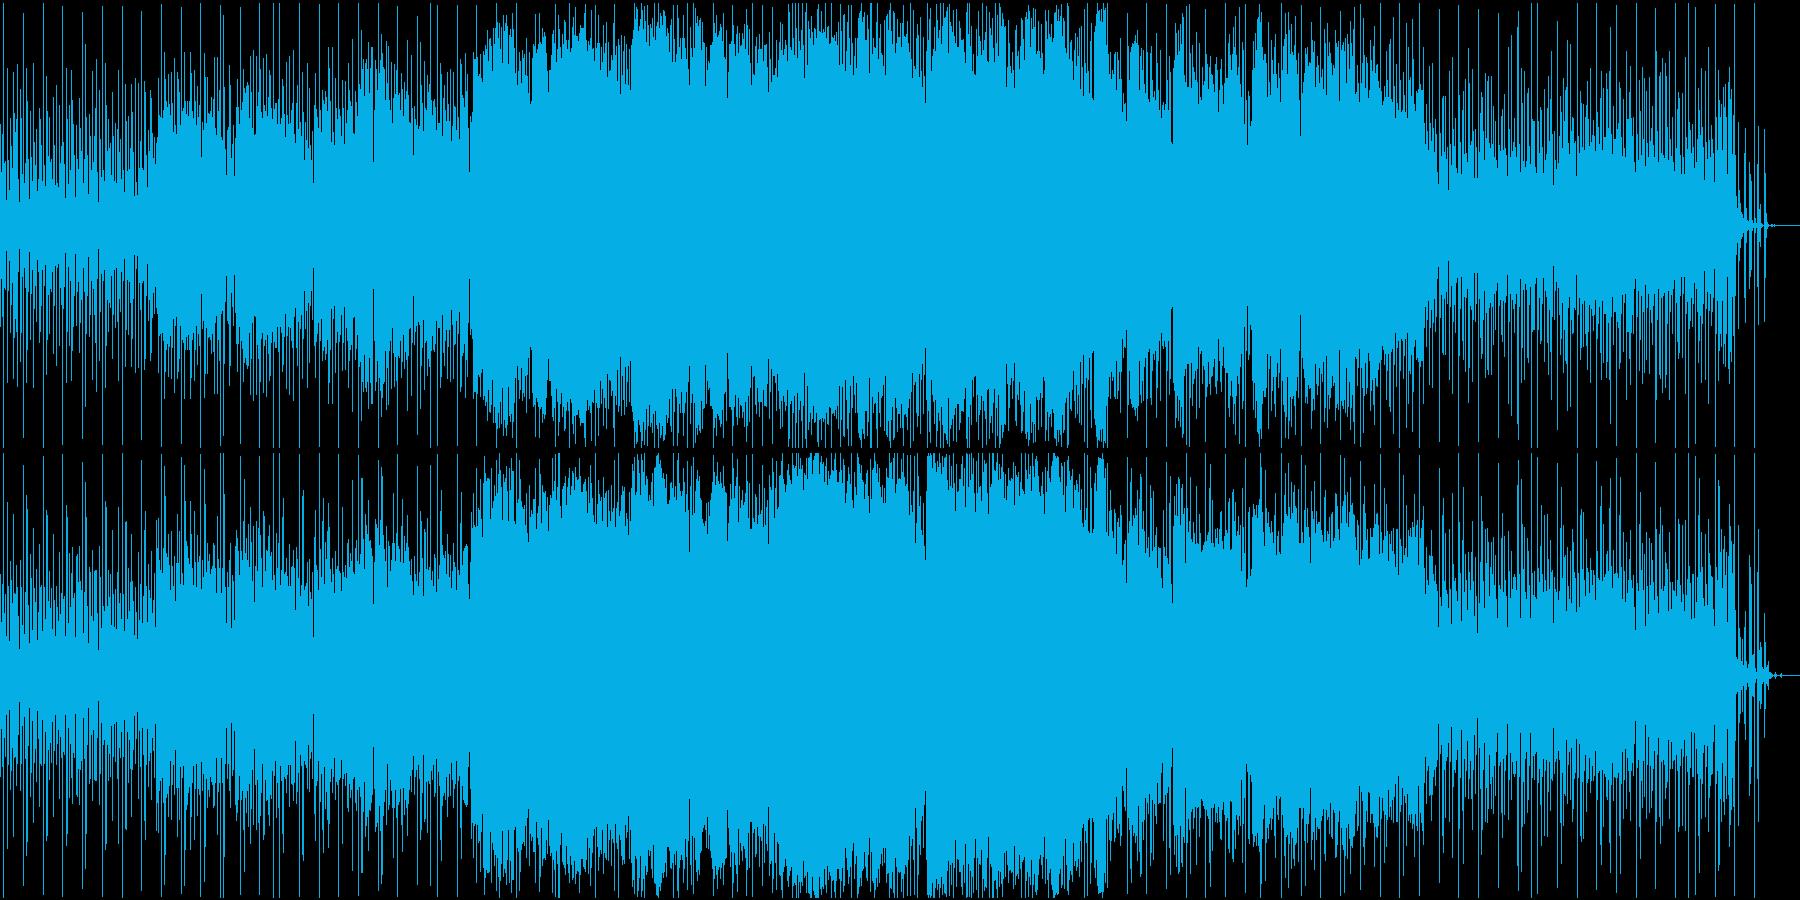 ふわふわしたイメージのBGMの再生済みの波形